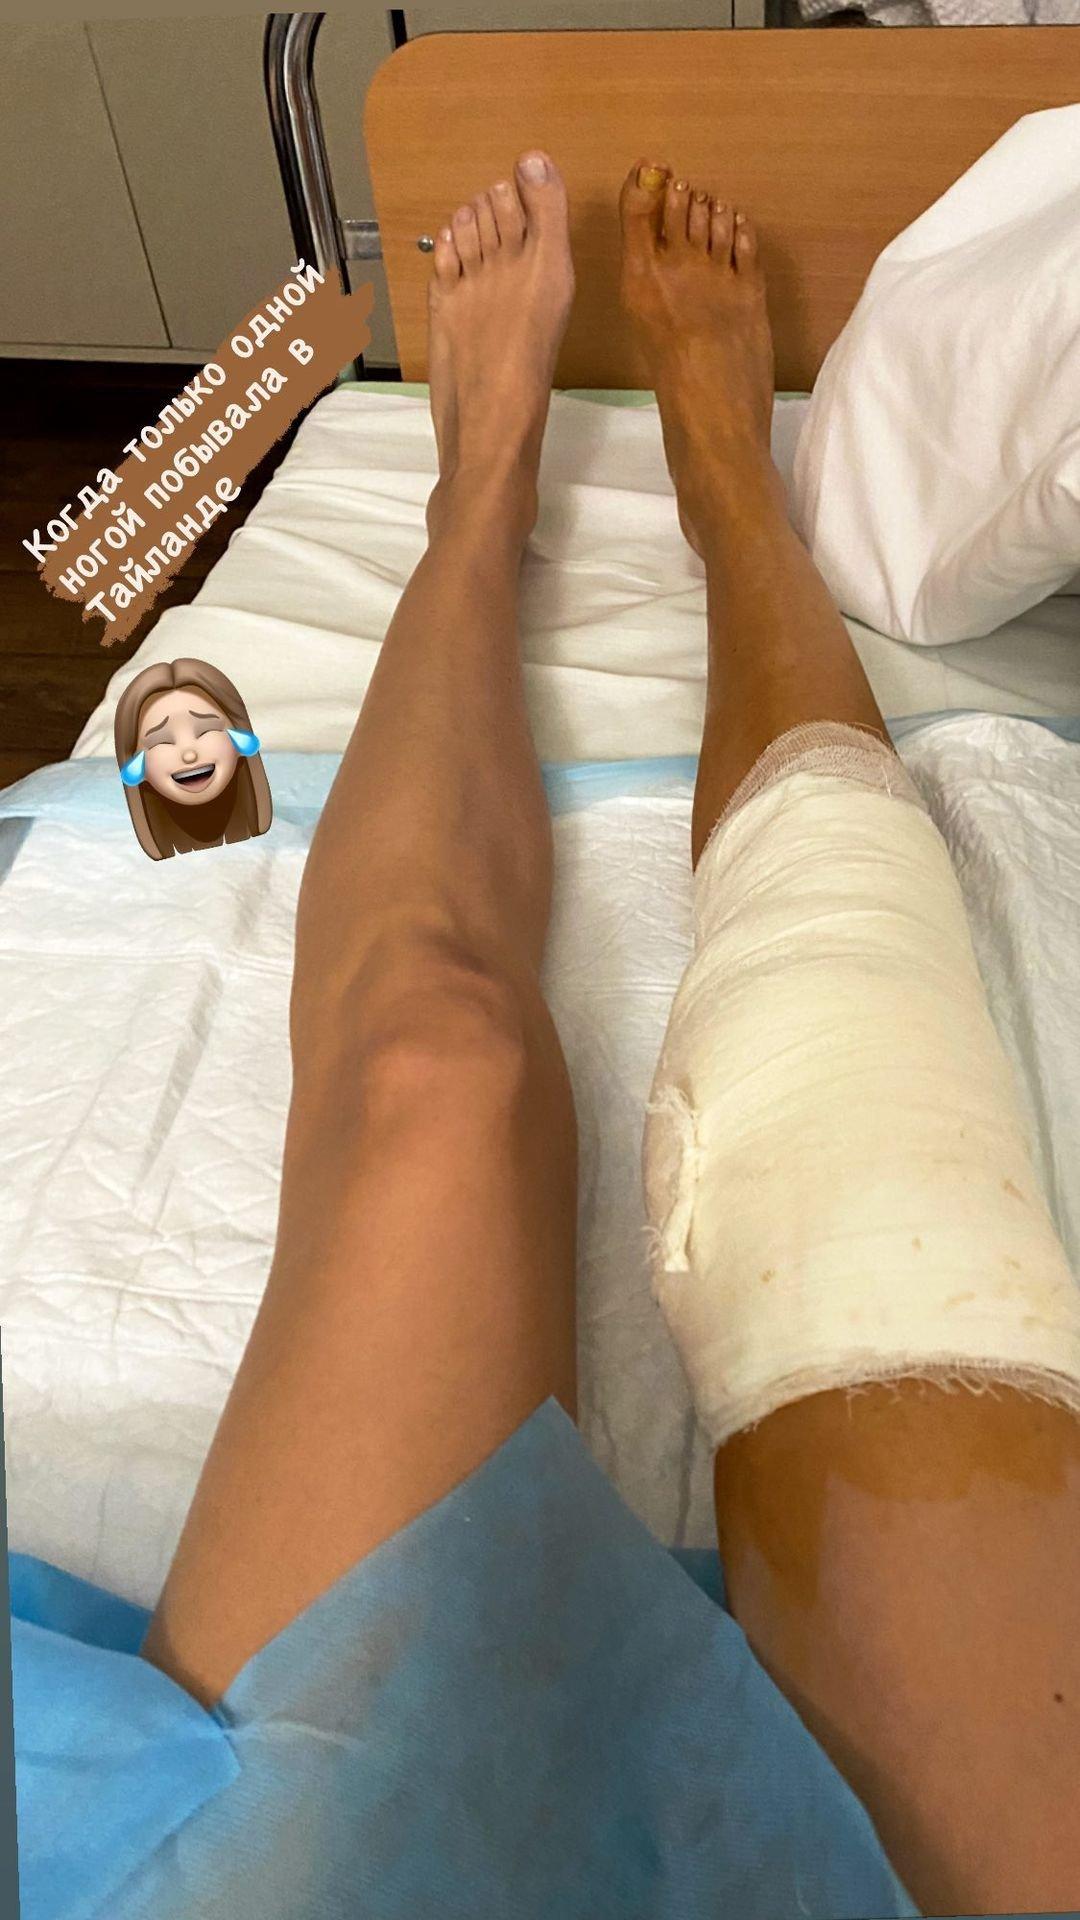 Евгения Лоза перенесла хирургическое вмешательство на колене